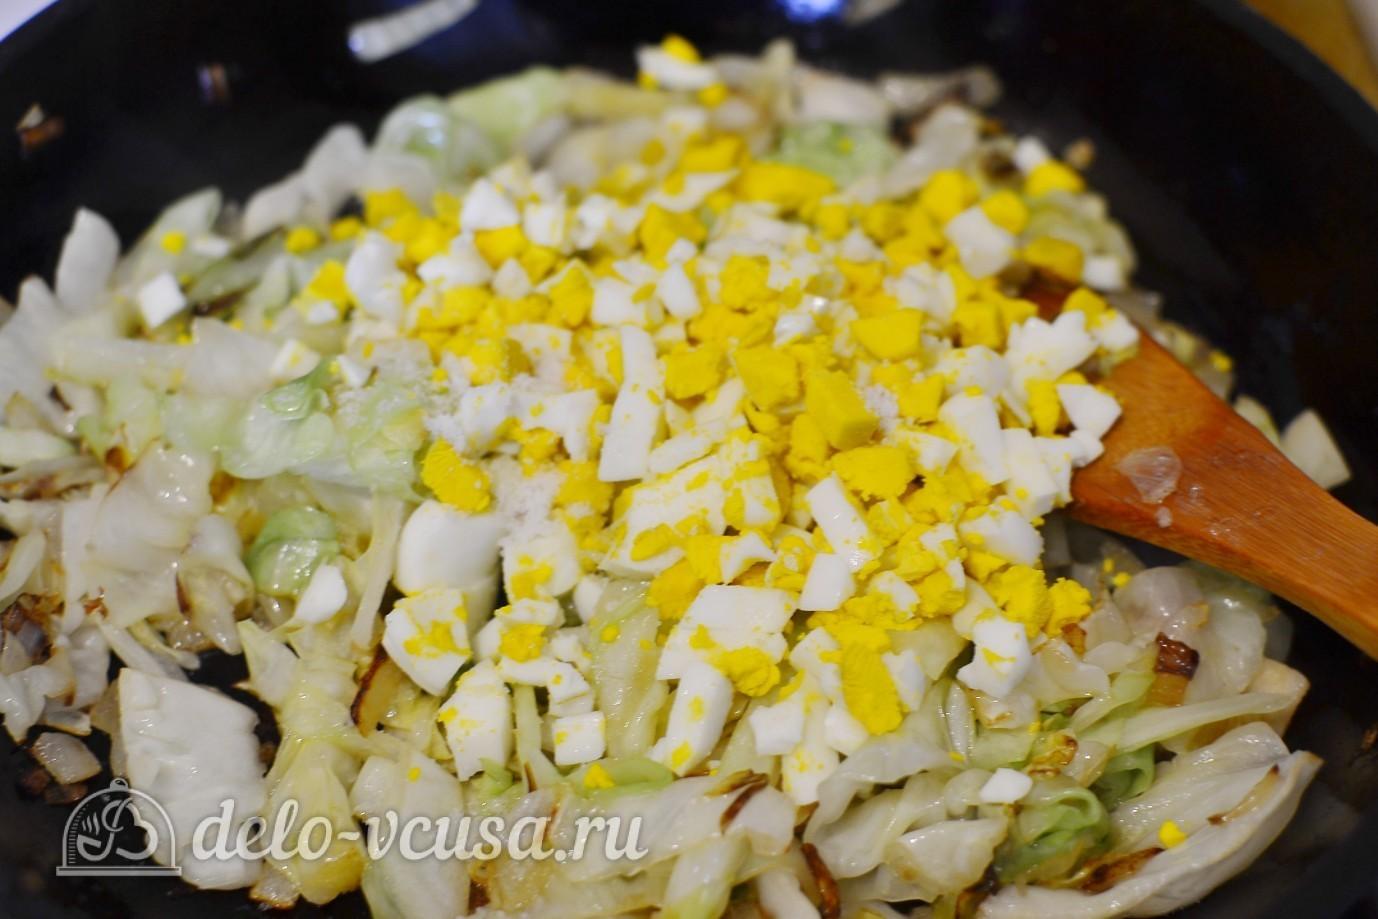 Начинка для пирожков с сыром и яйцом